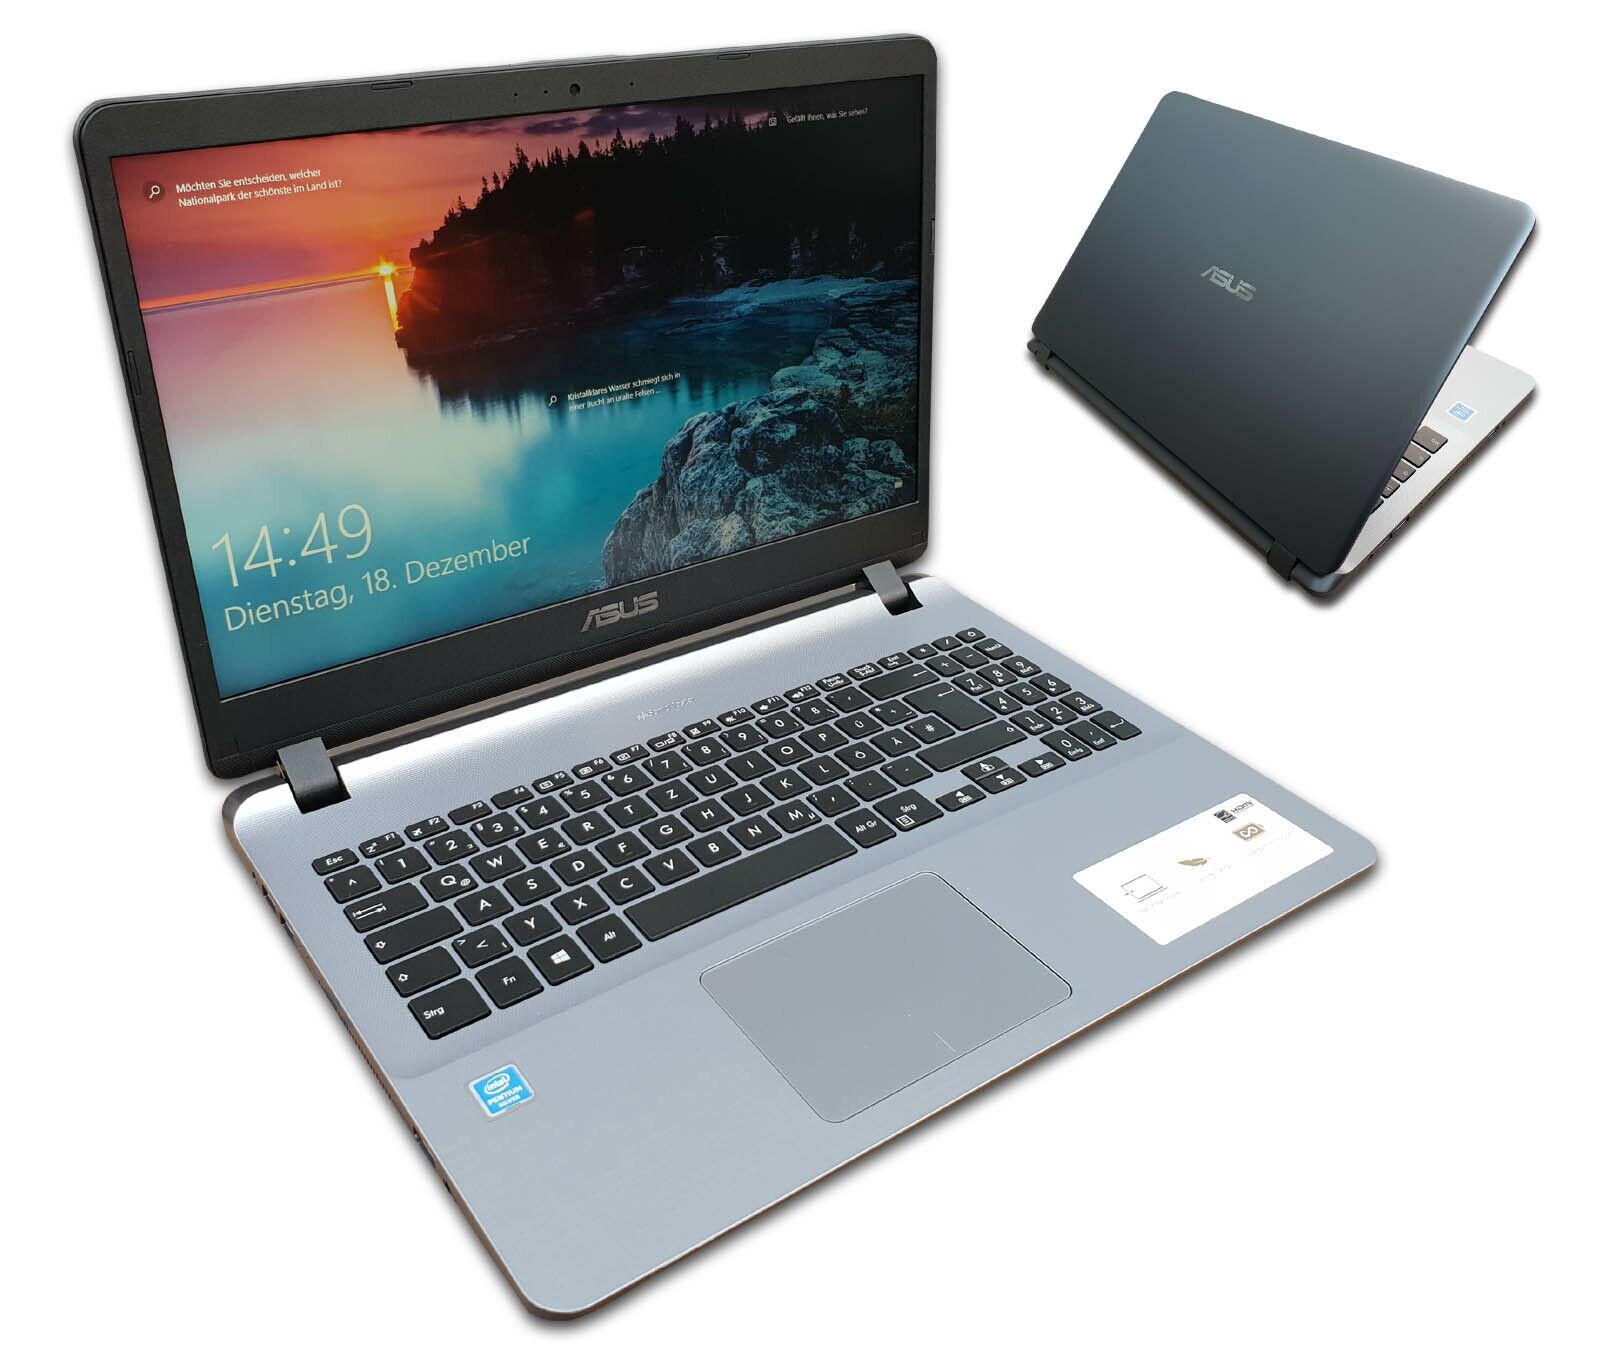 ASUS F705 Notebook 17 Zoll HD+ Quad Core 4 x 2,7GHz 8GB 512GB SSD Win10